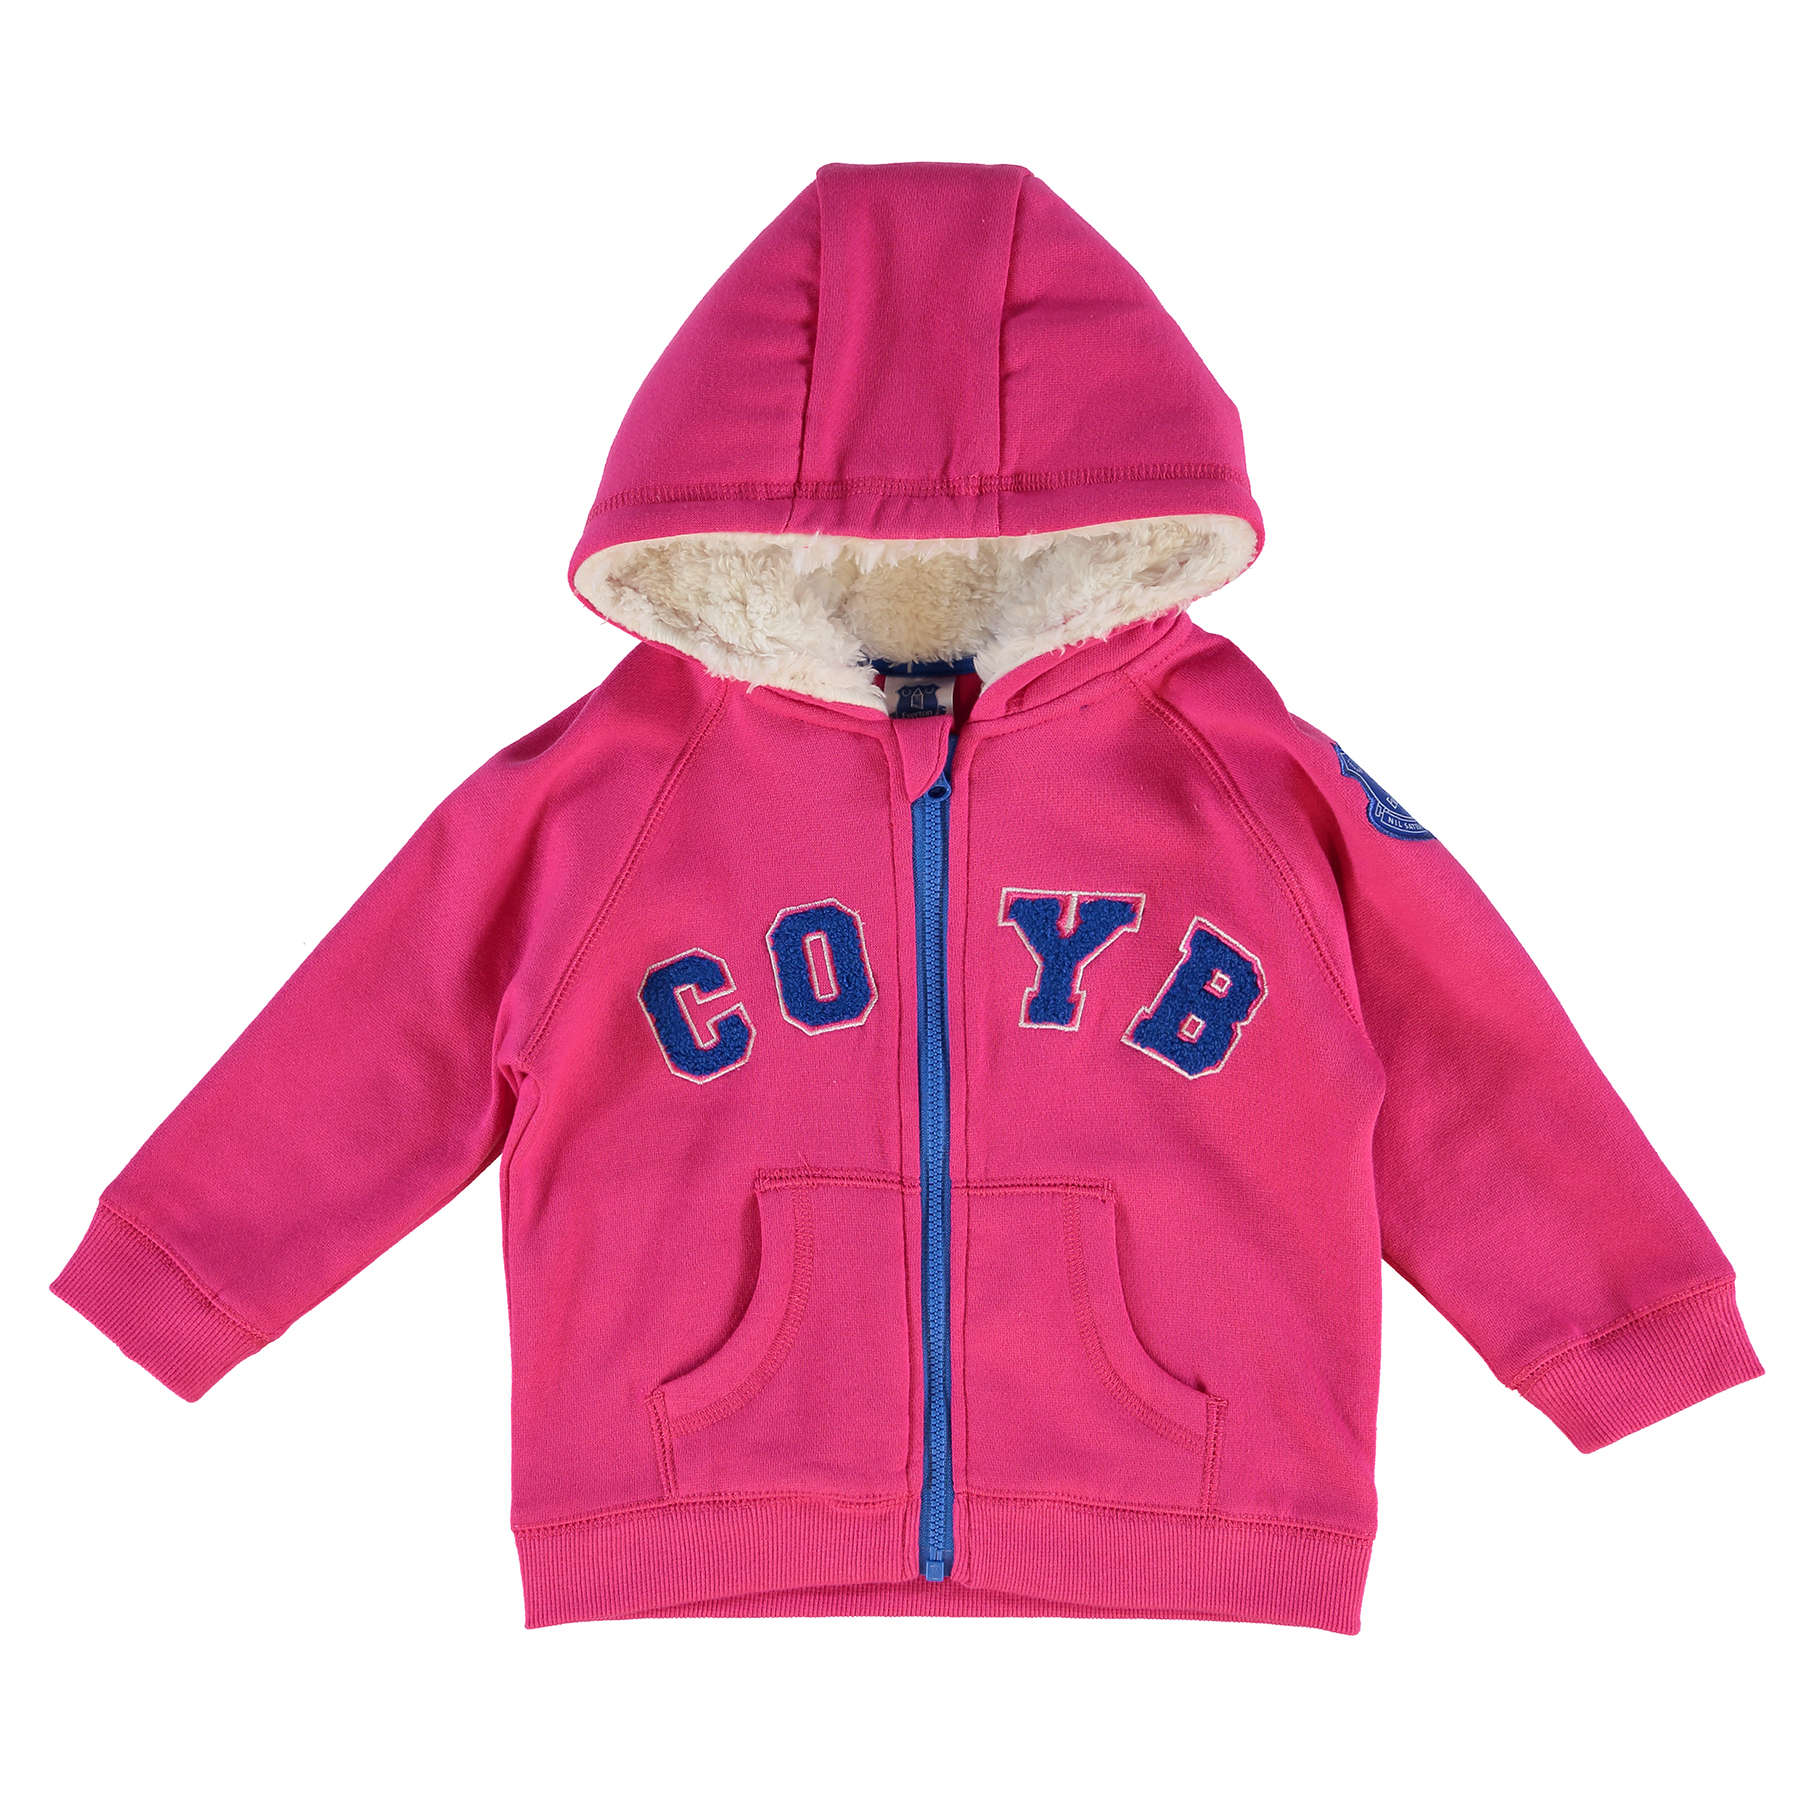 Everton Full Zip Hoodie - Pink - Baby